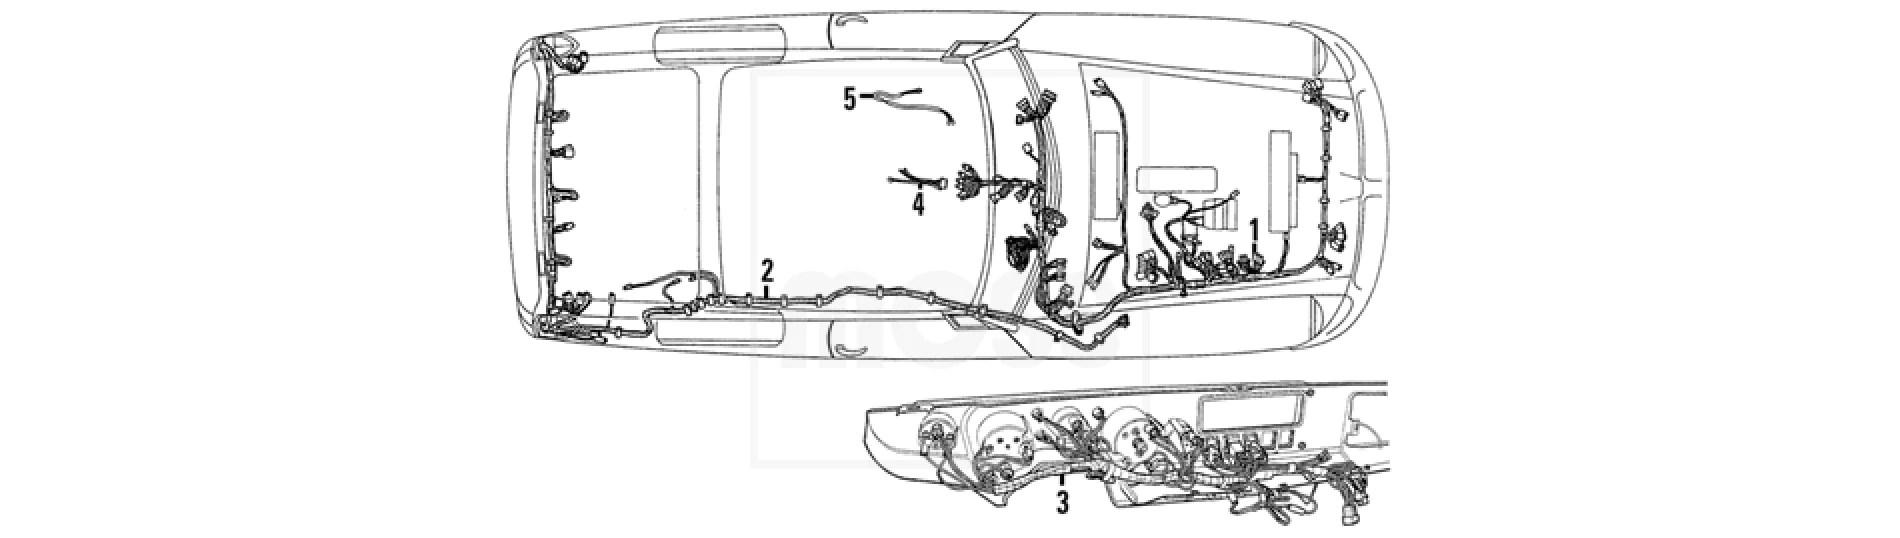 mgb fuse diagram [ 1900 x 538 Pixel ]